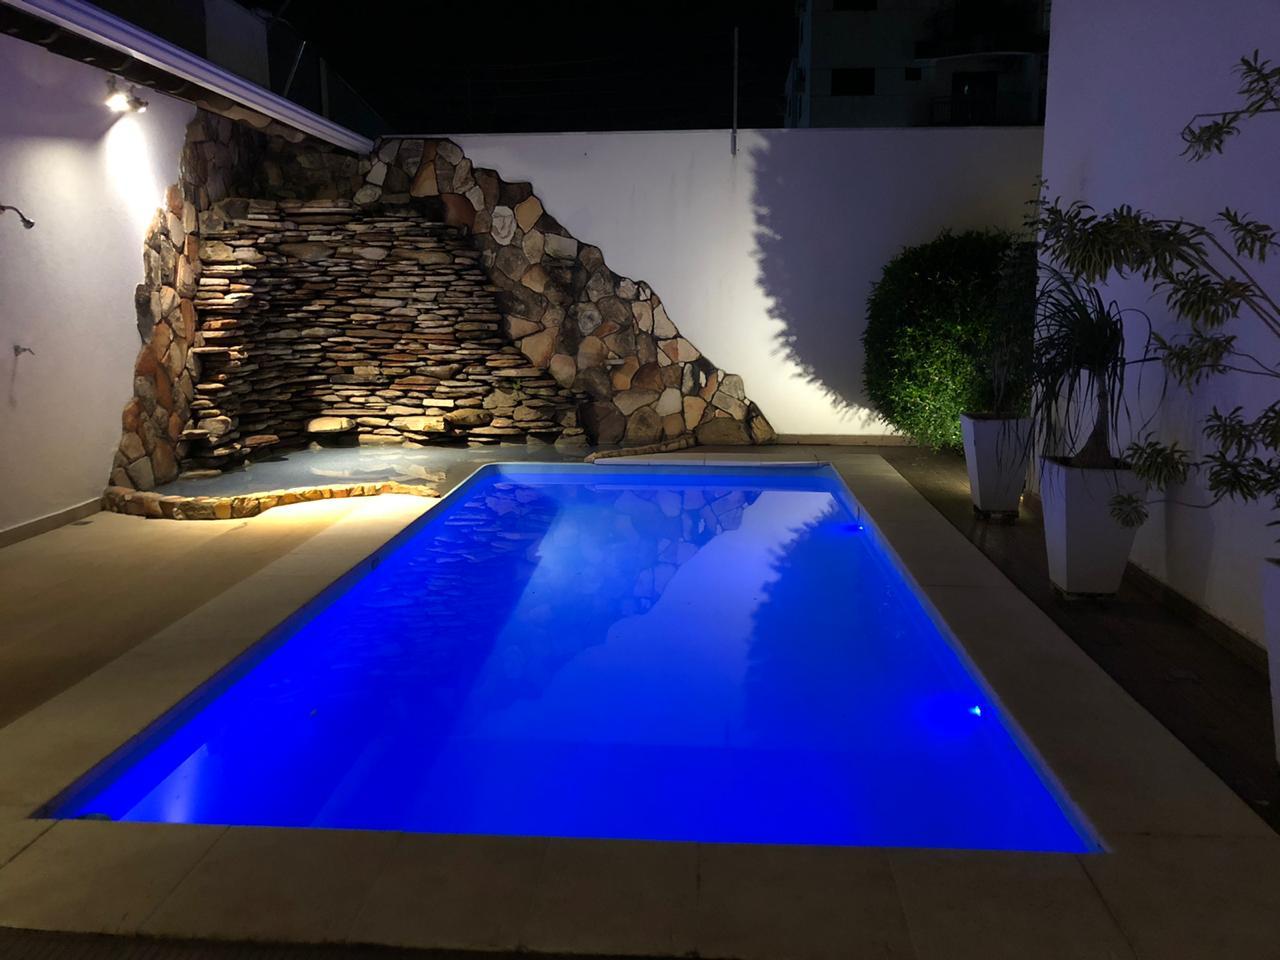 Casa à venda,  com 3 quartos sendo 2 suites no Jardim Califórnia em Cuiabá MT 101 12461